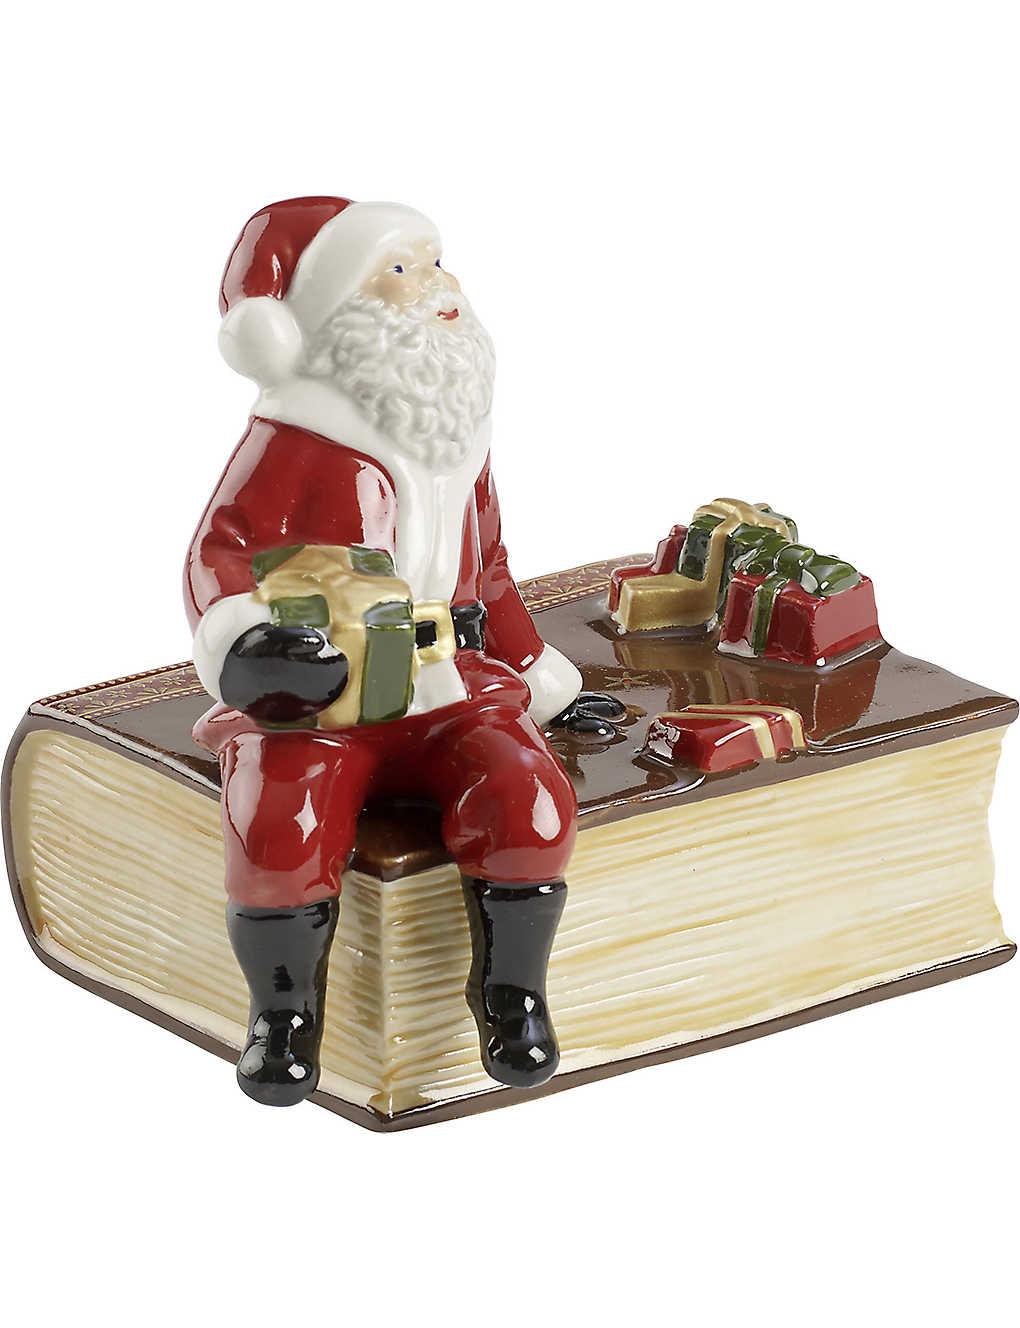 a0ef11cd9ae1a VILLEROY   BOCH - Nostalgic Melody Santa on book music box ...